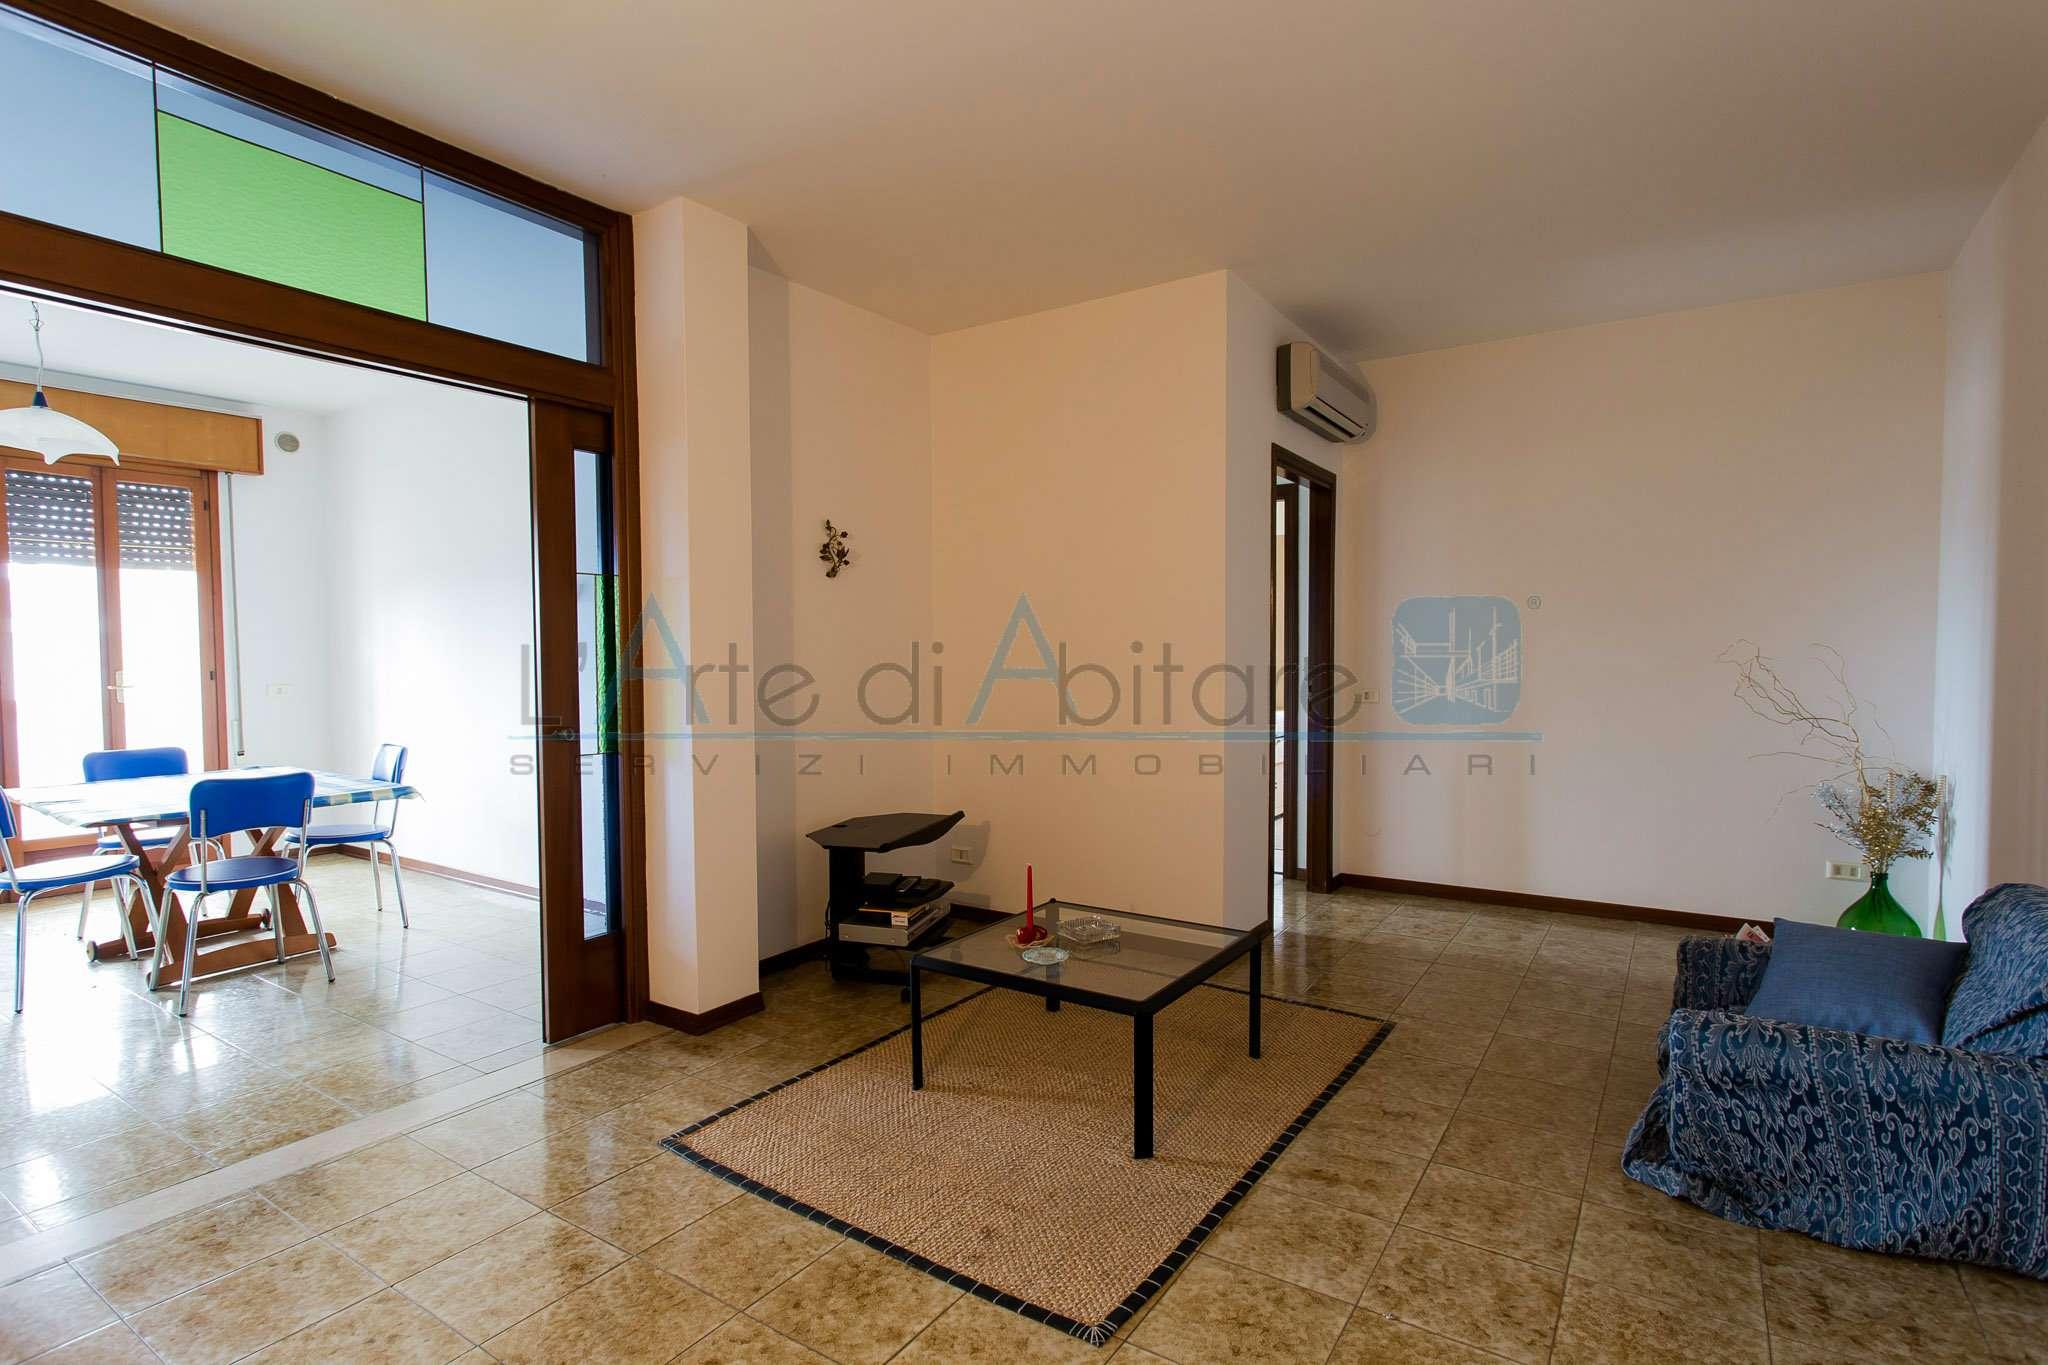 Appartamento in vendita a Piove di Sacco, 4 locali, prezzo € 75.000 | CambioCasa.it